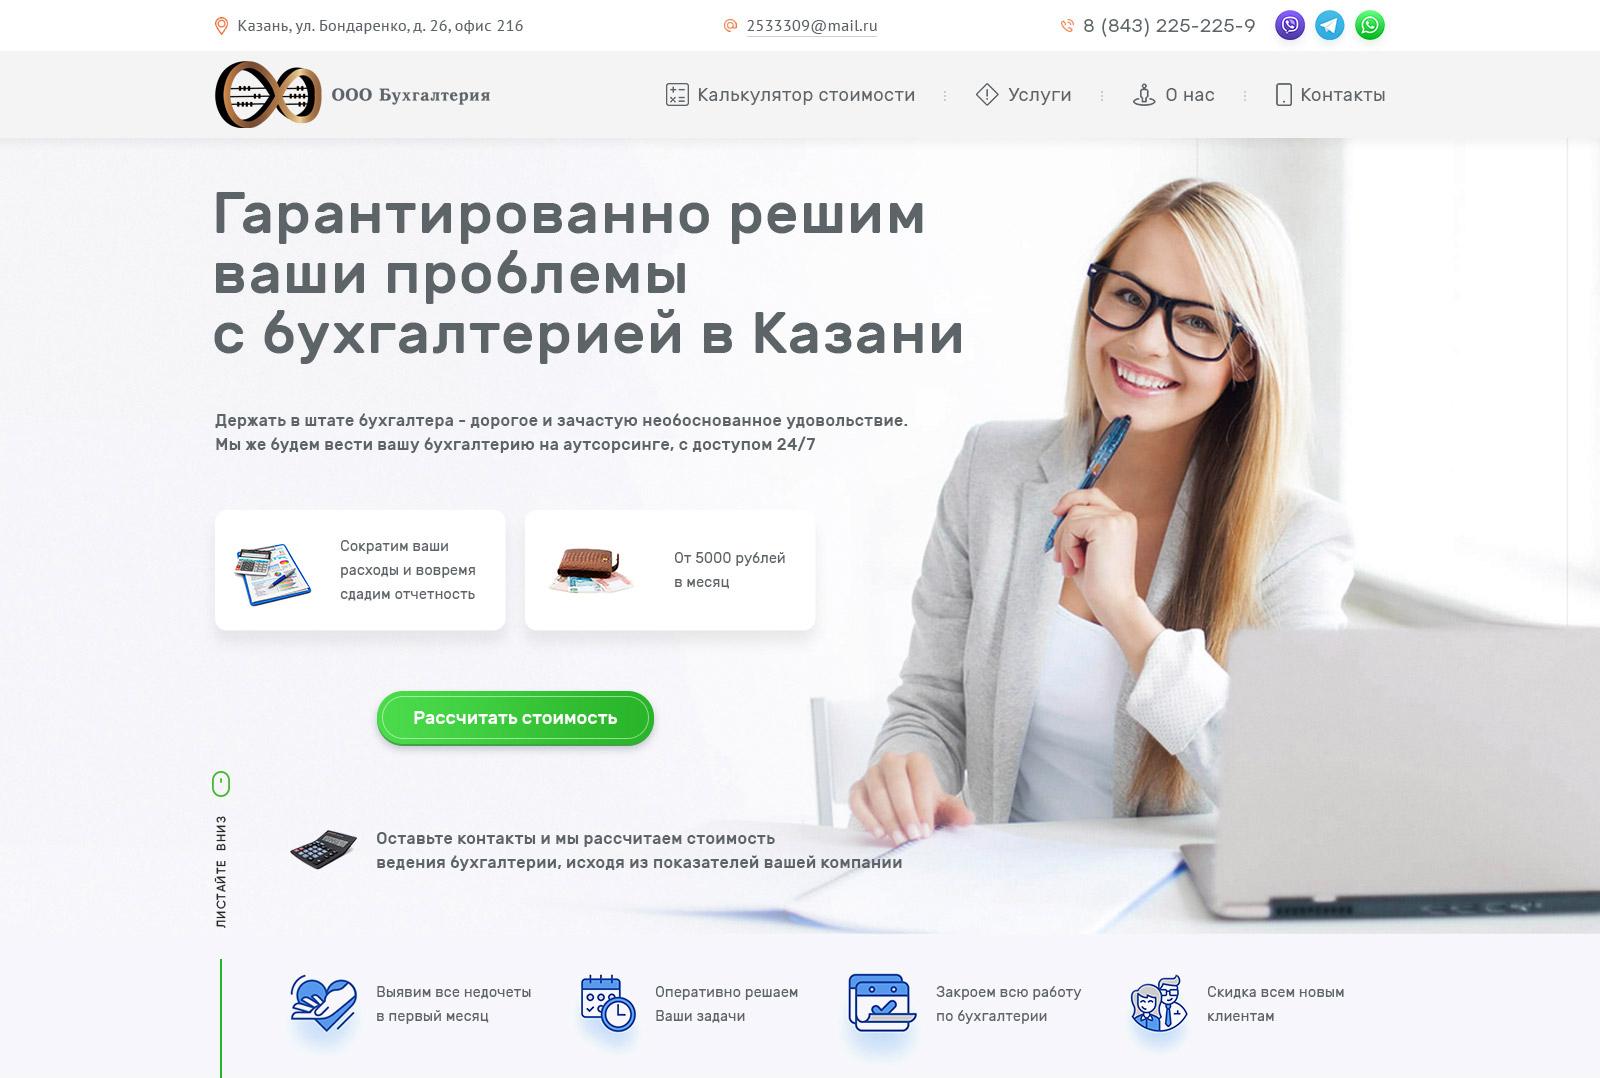 Фриланс бухгалтерские услуги вакансии вакансии бухгалтера в нижнекамске